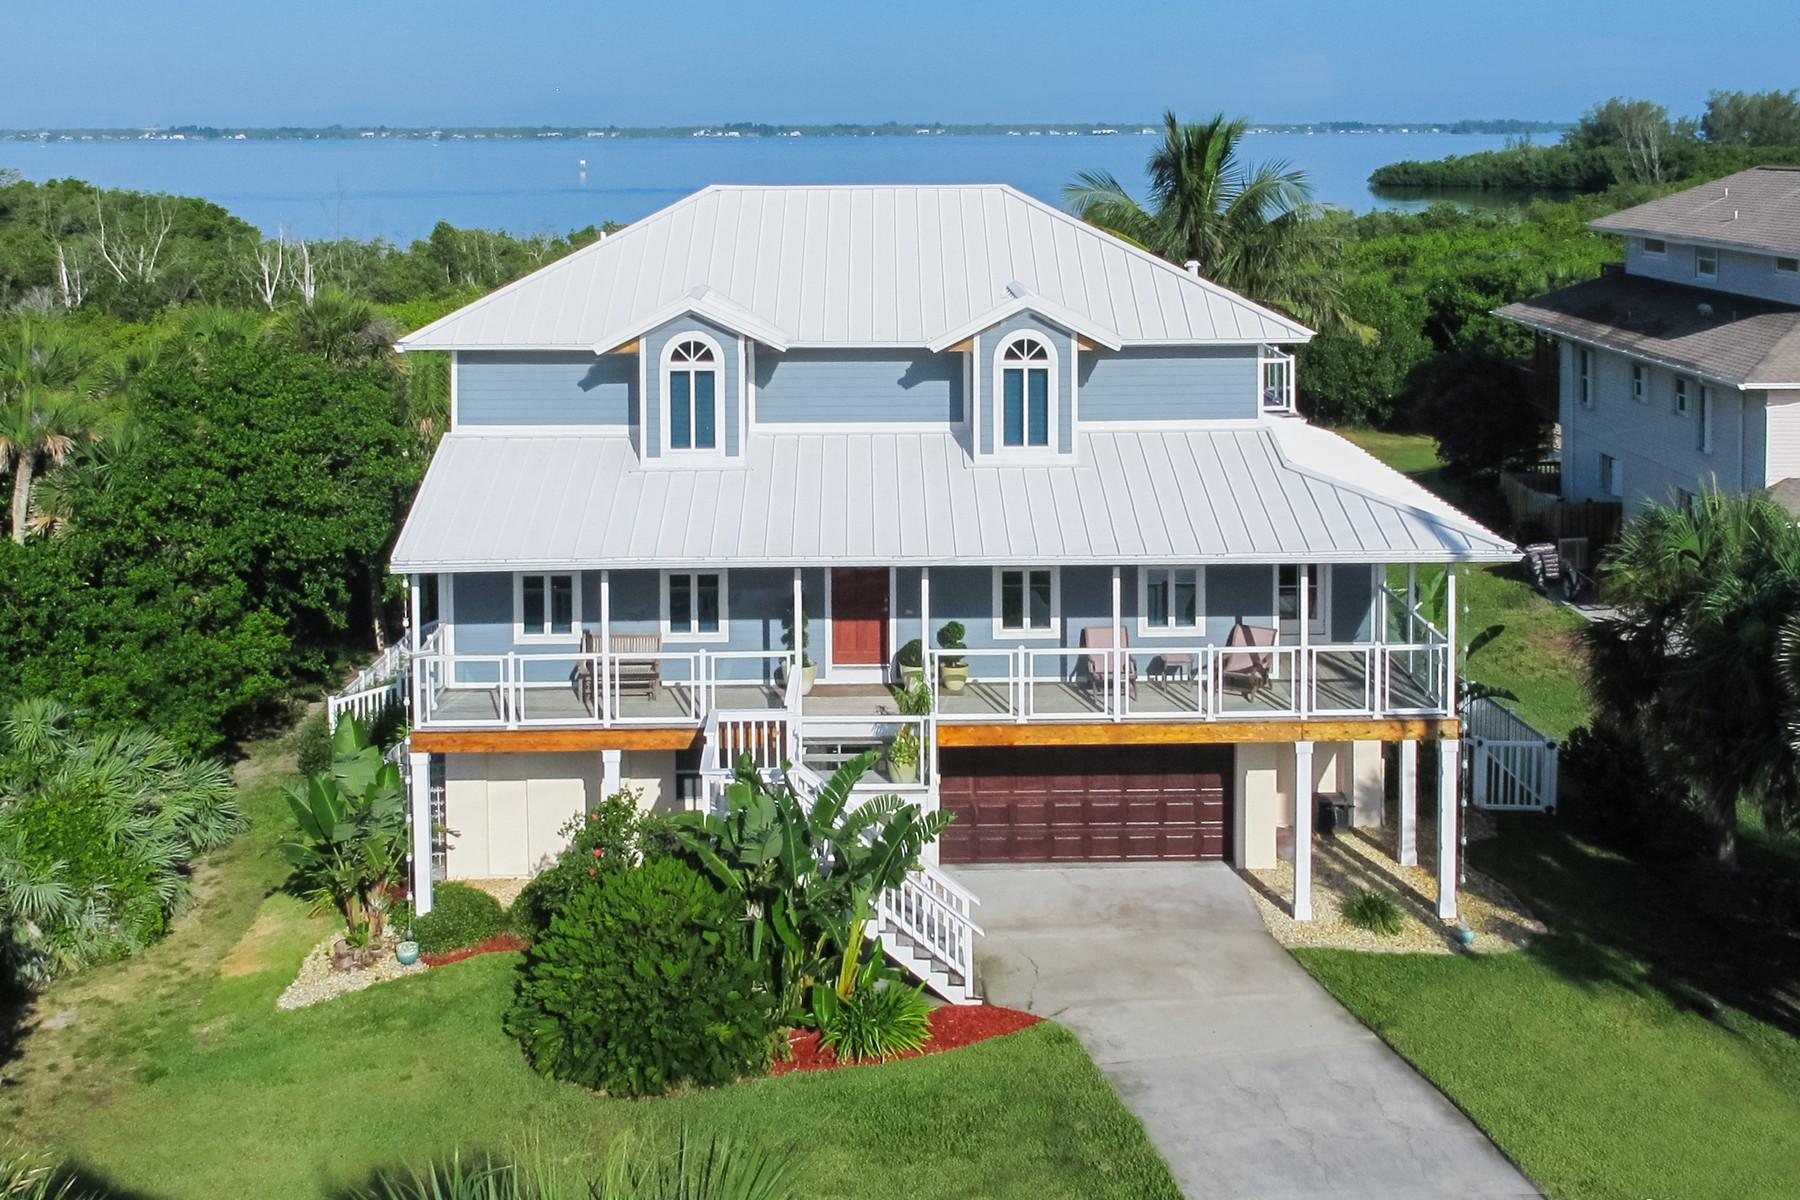 Частный односемейный дом для того Продажа на Exquisite 3 story riverfront home 8360 Highway A1A Melbourne Beach, Флорида 32951 Соединенные Штаты